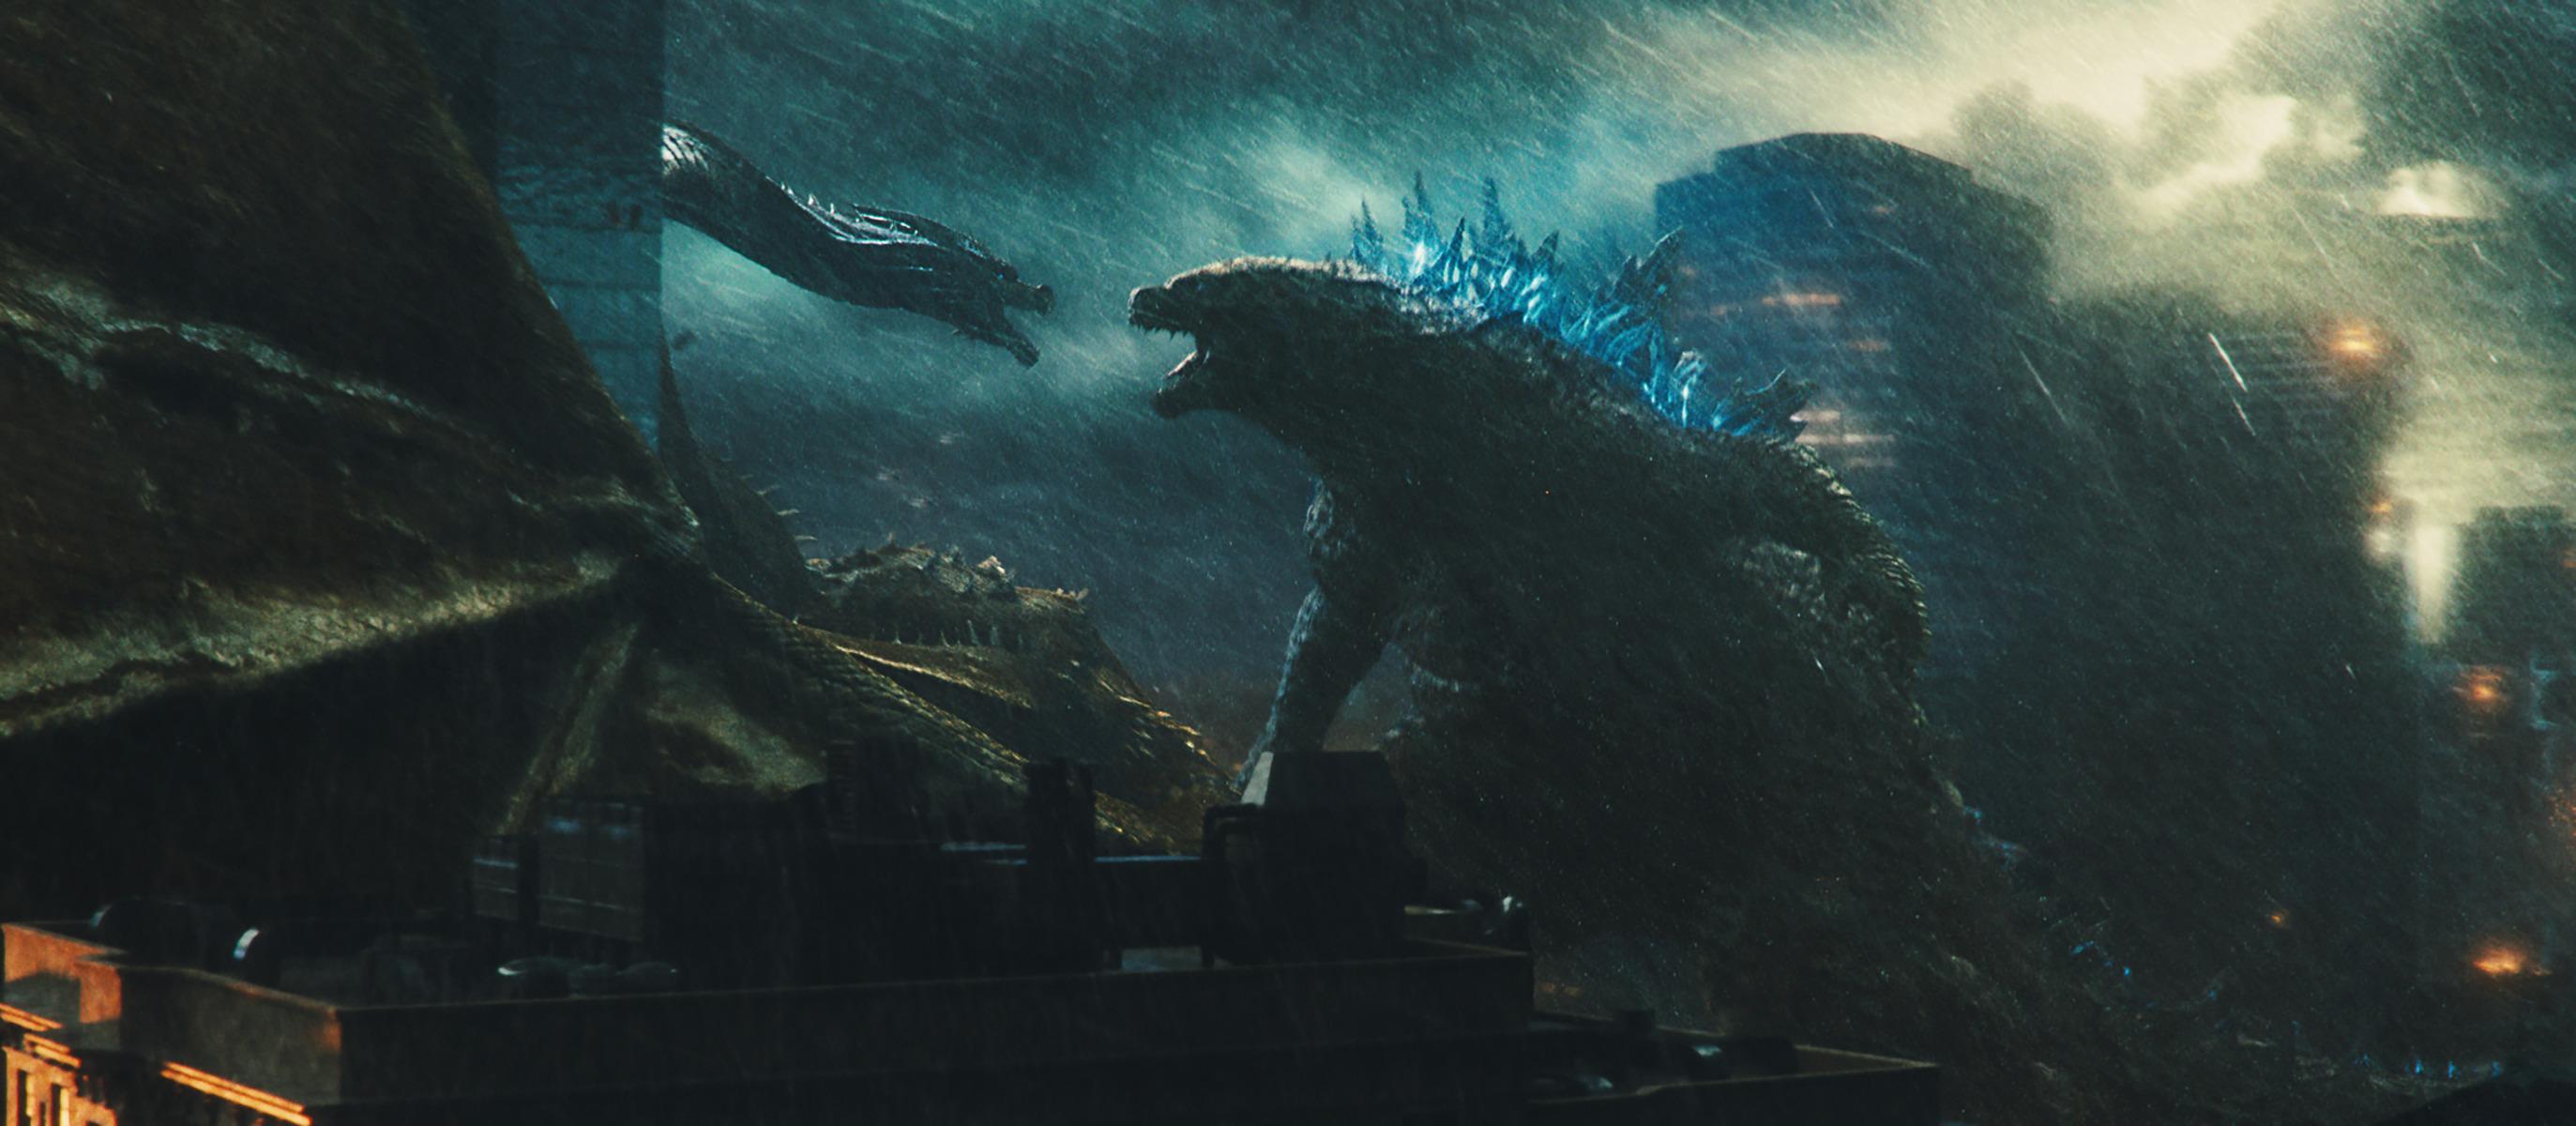 Godzilla Box Office